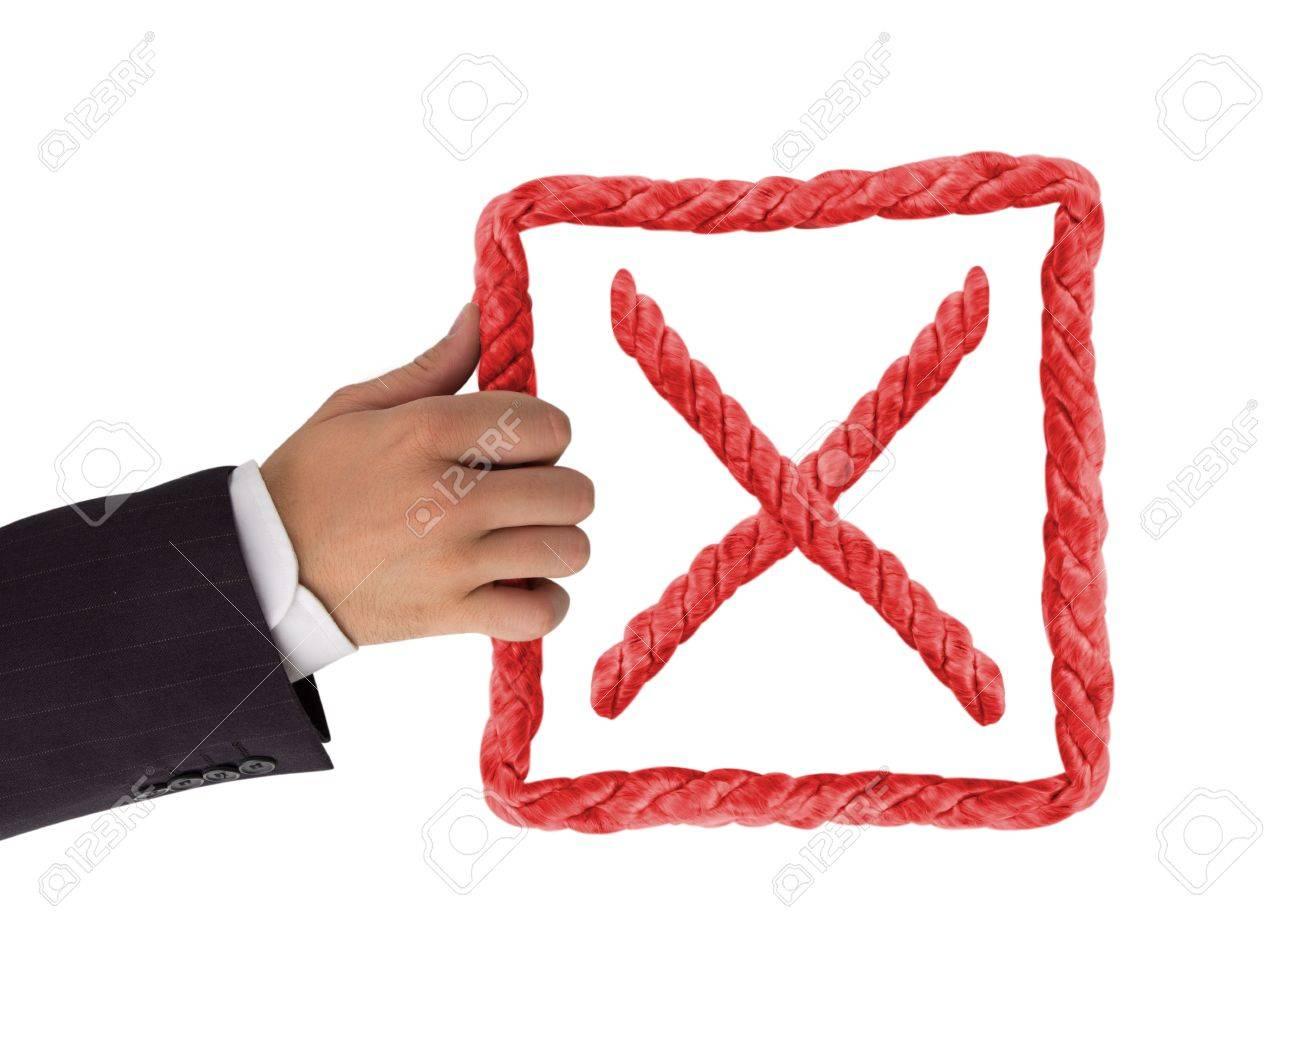 Hand holding negative symbol isolated on white Stock Photo - 14738838